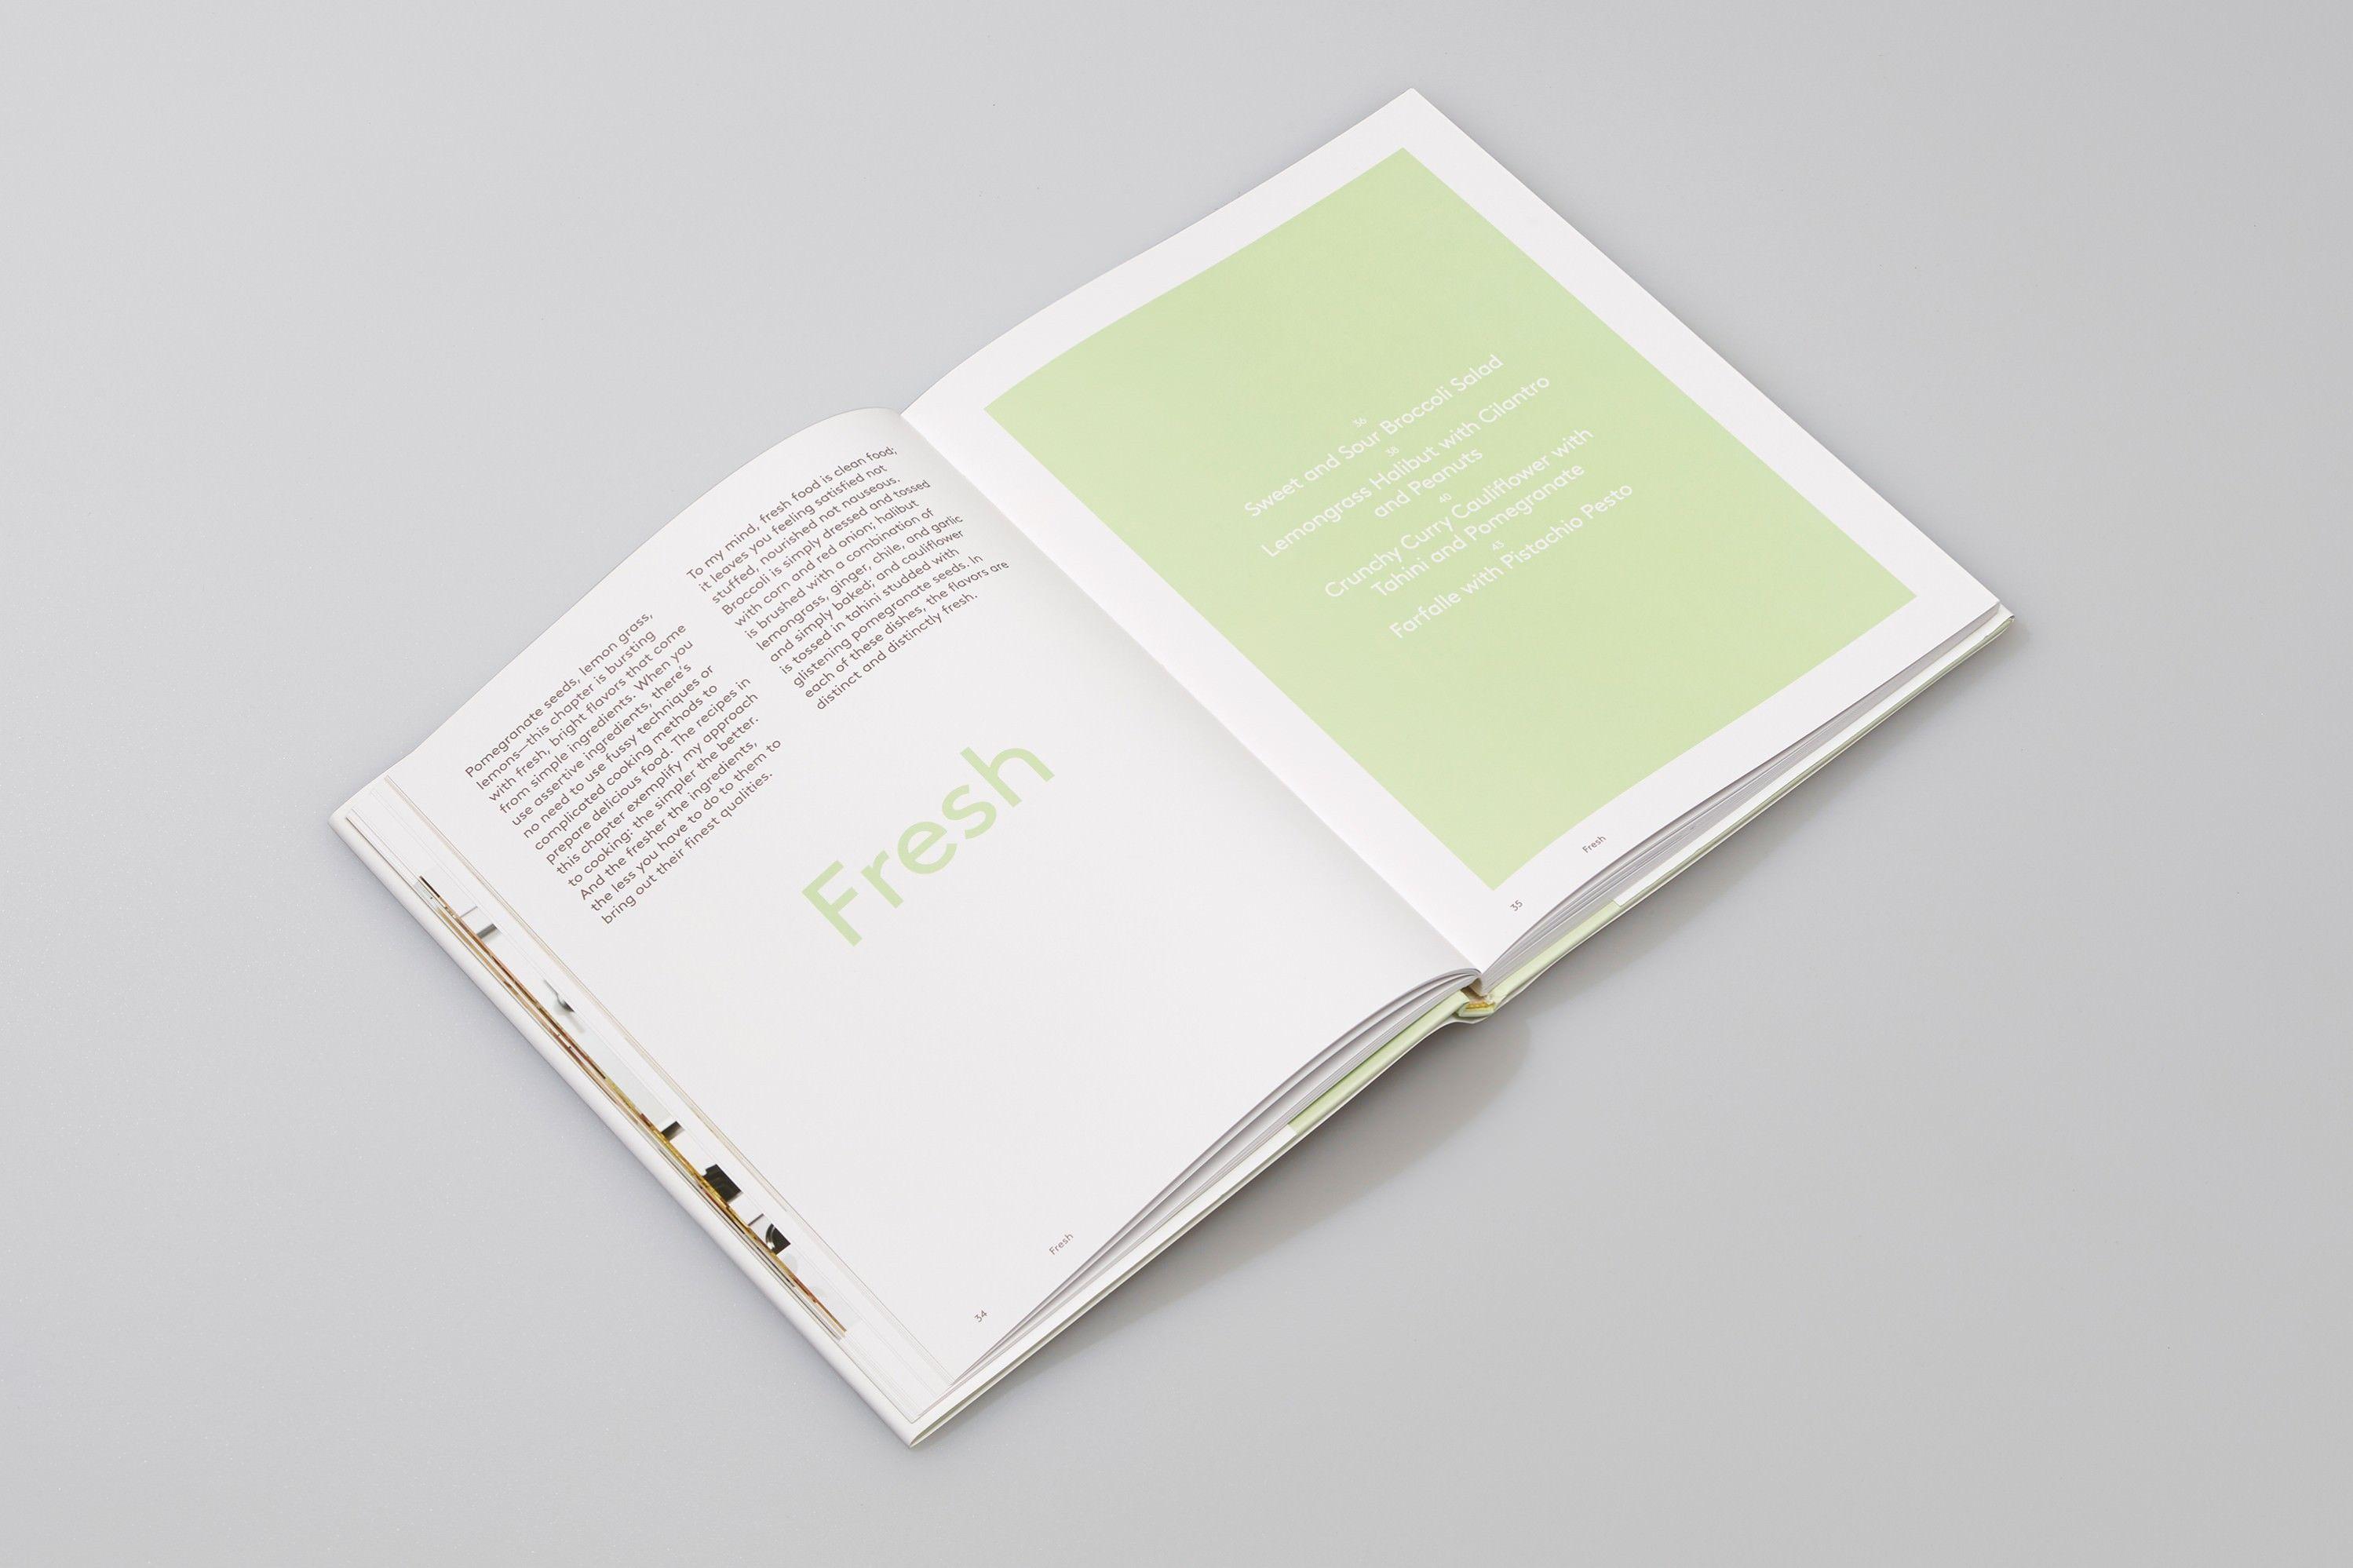 Kim Kushner With Images Cookbook Design Placemat Design